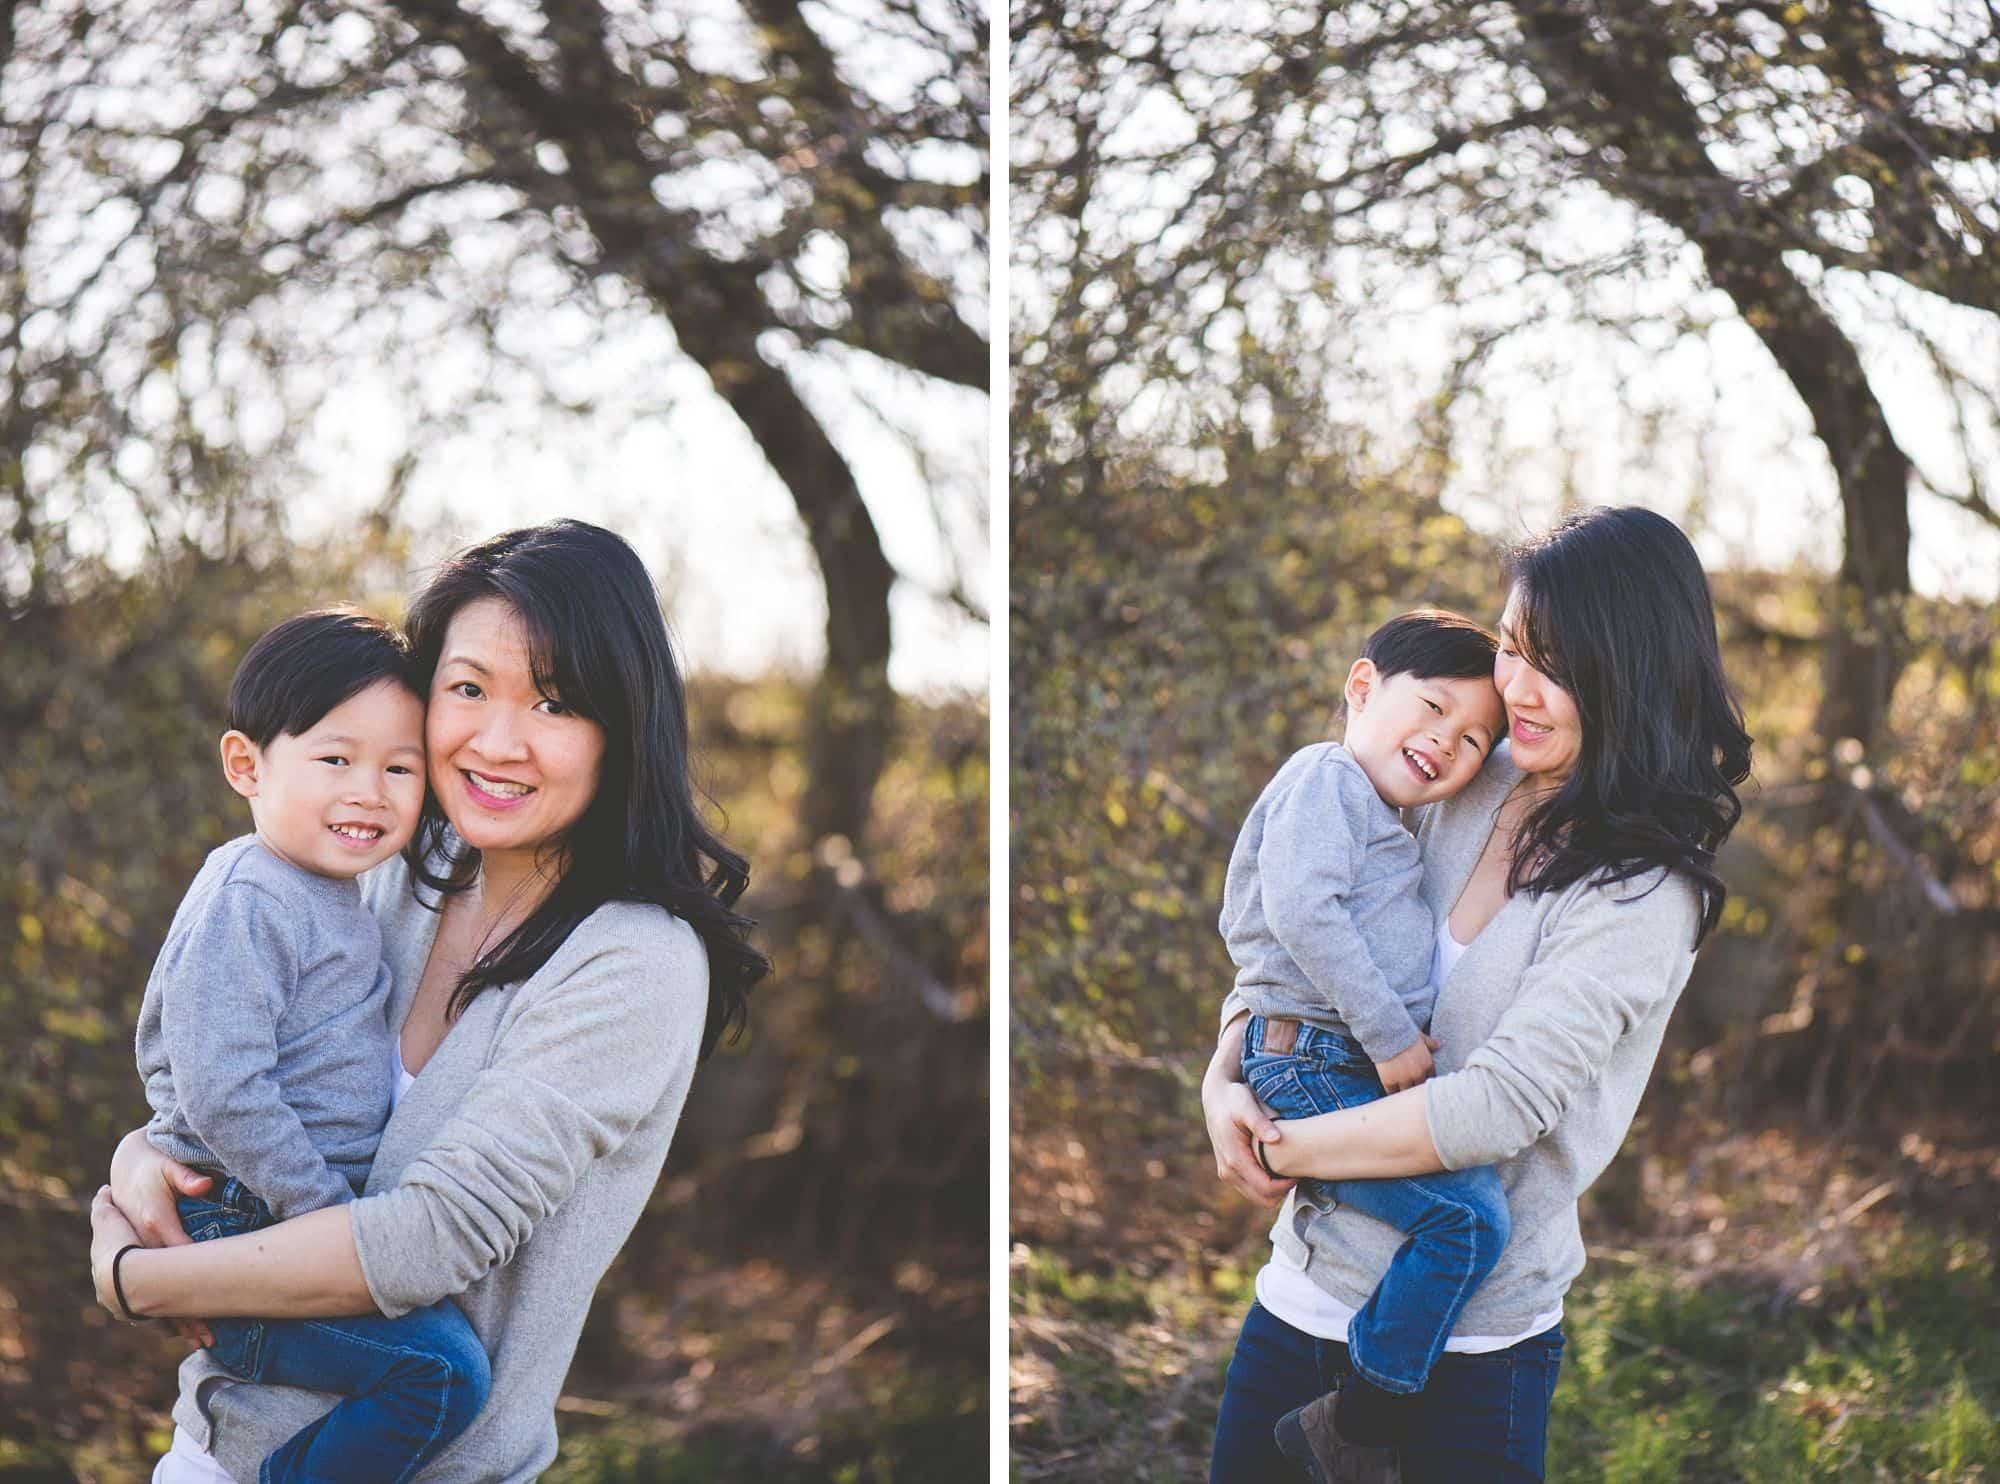 Mom hugging toddler son outside